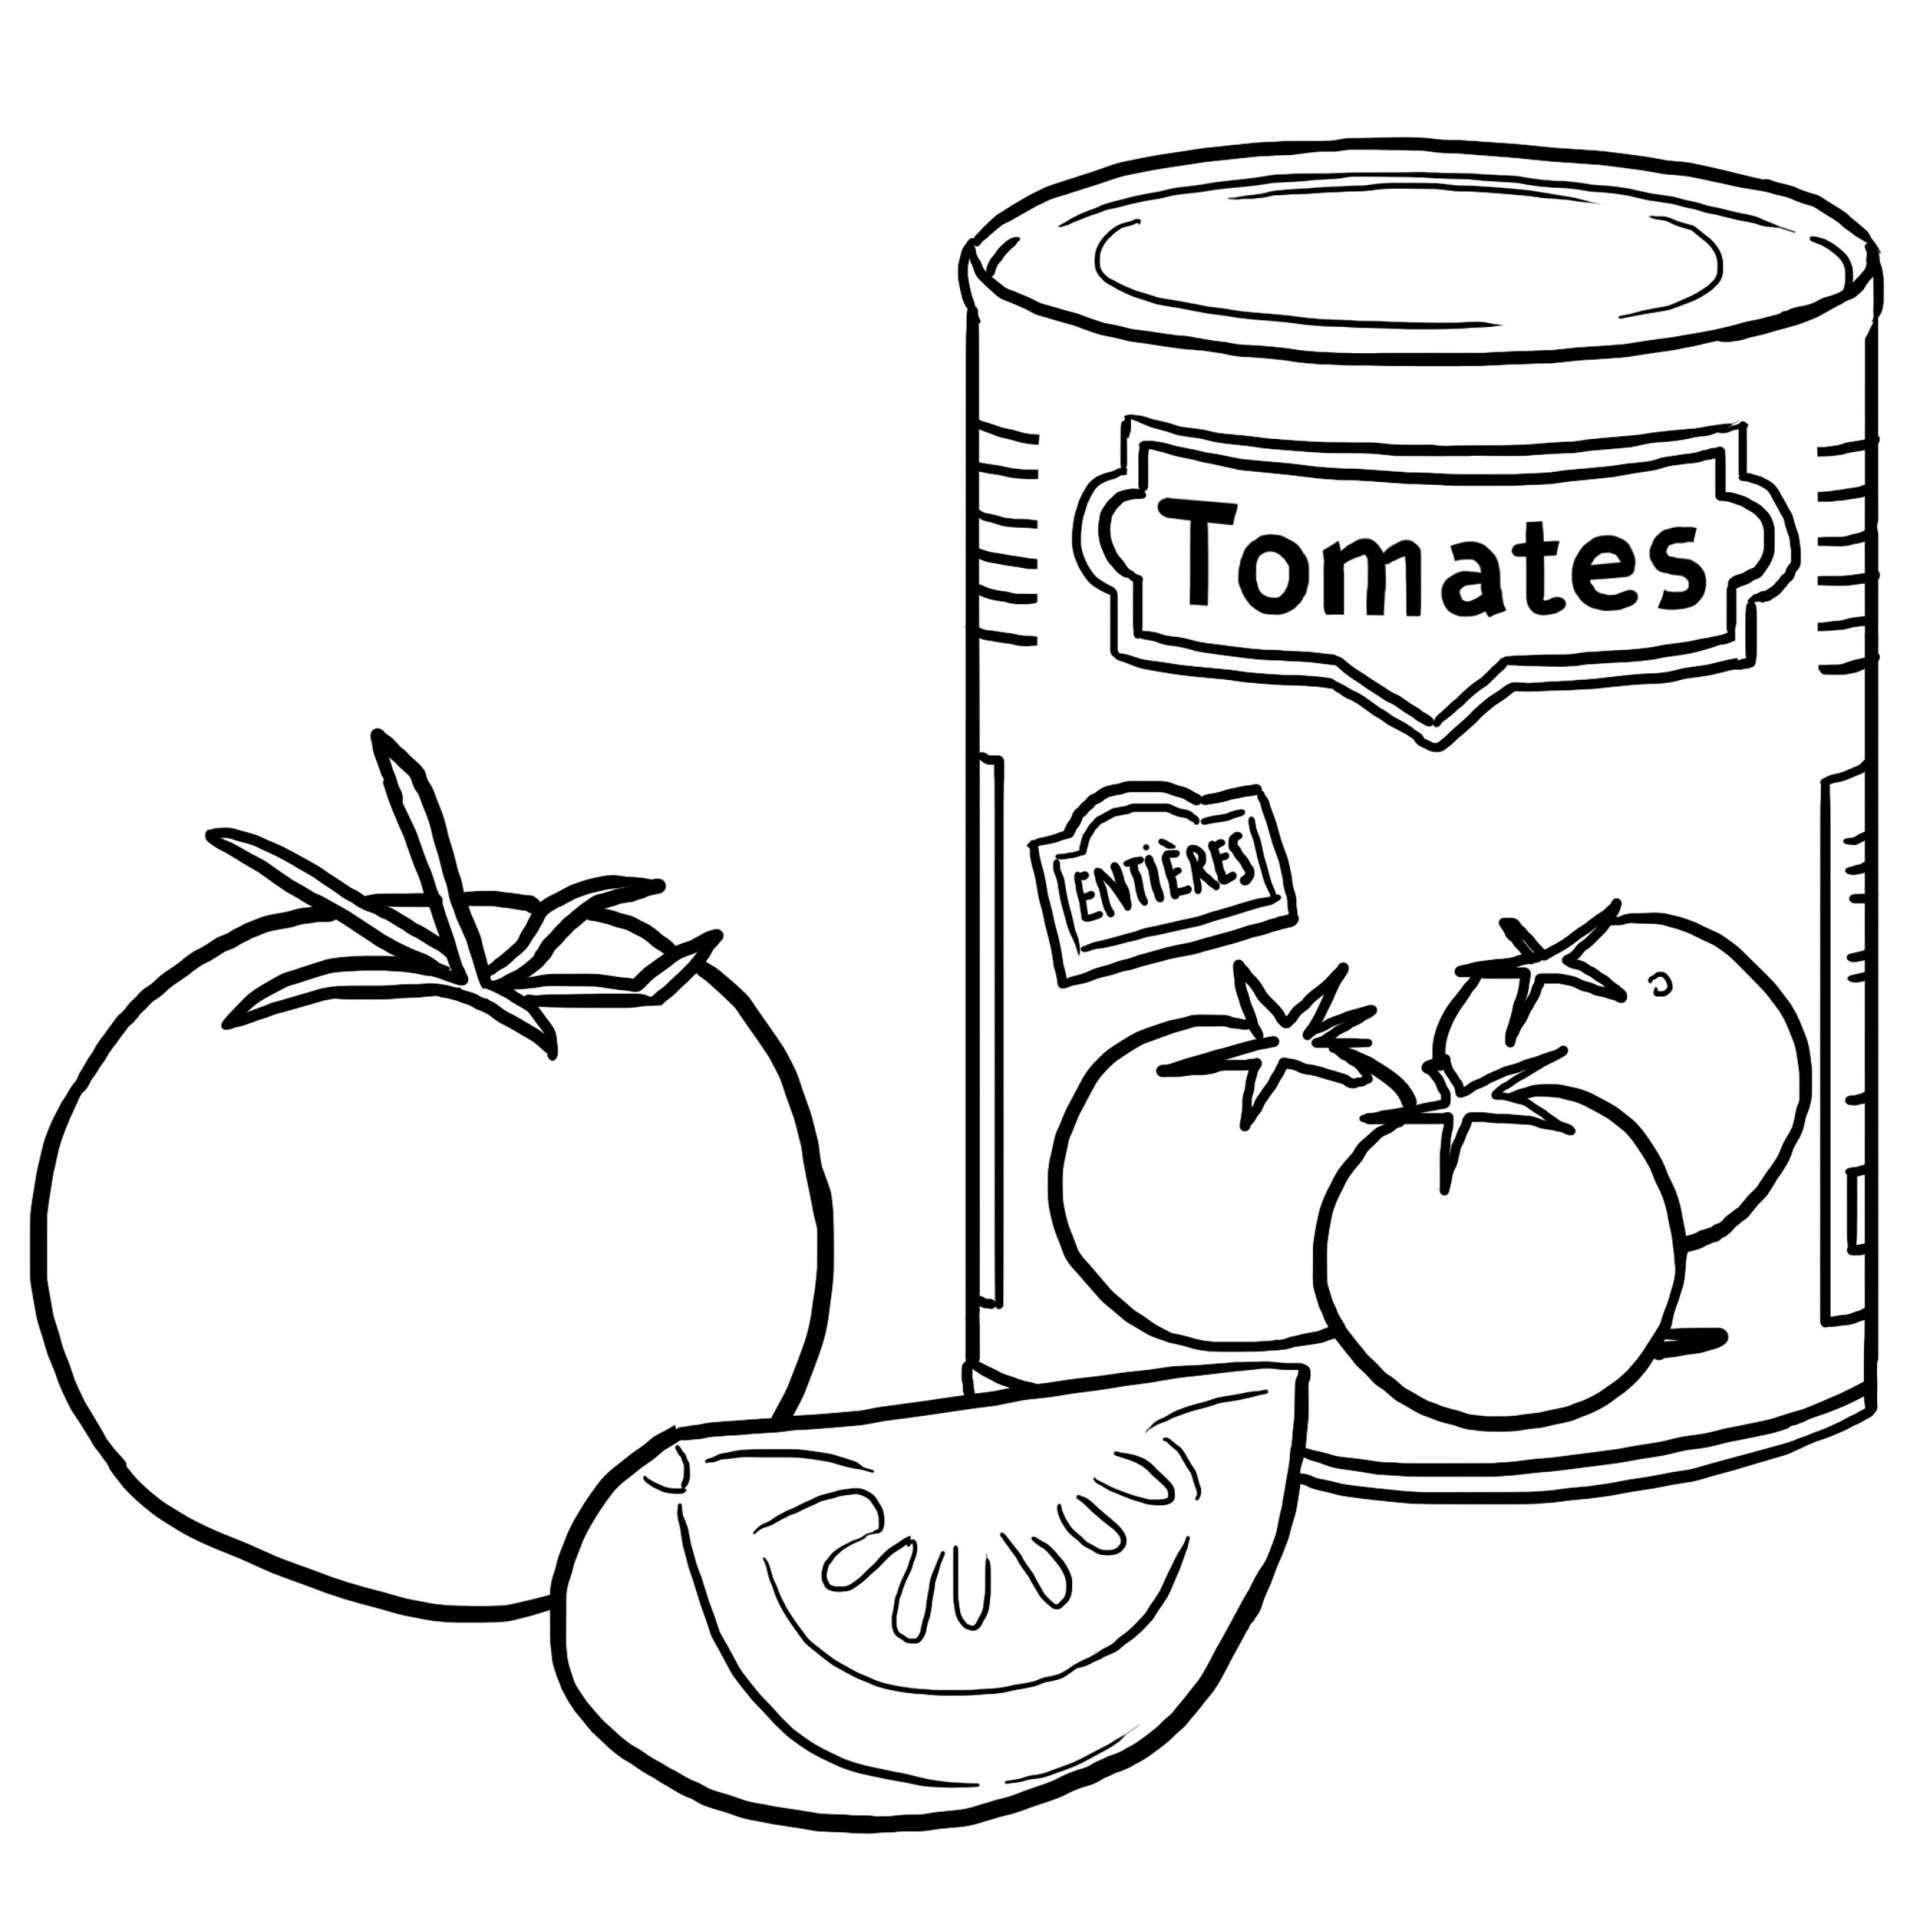 Coloriage des aliments tomate jeux et outils fondation olo - Tomate dessin ...